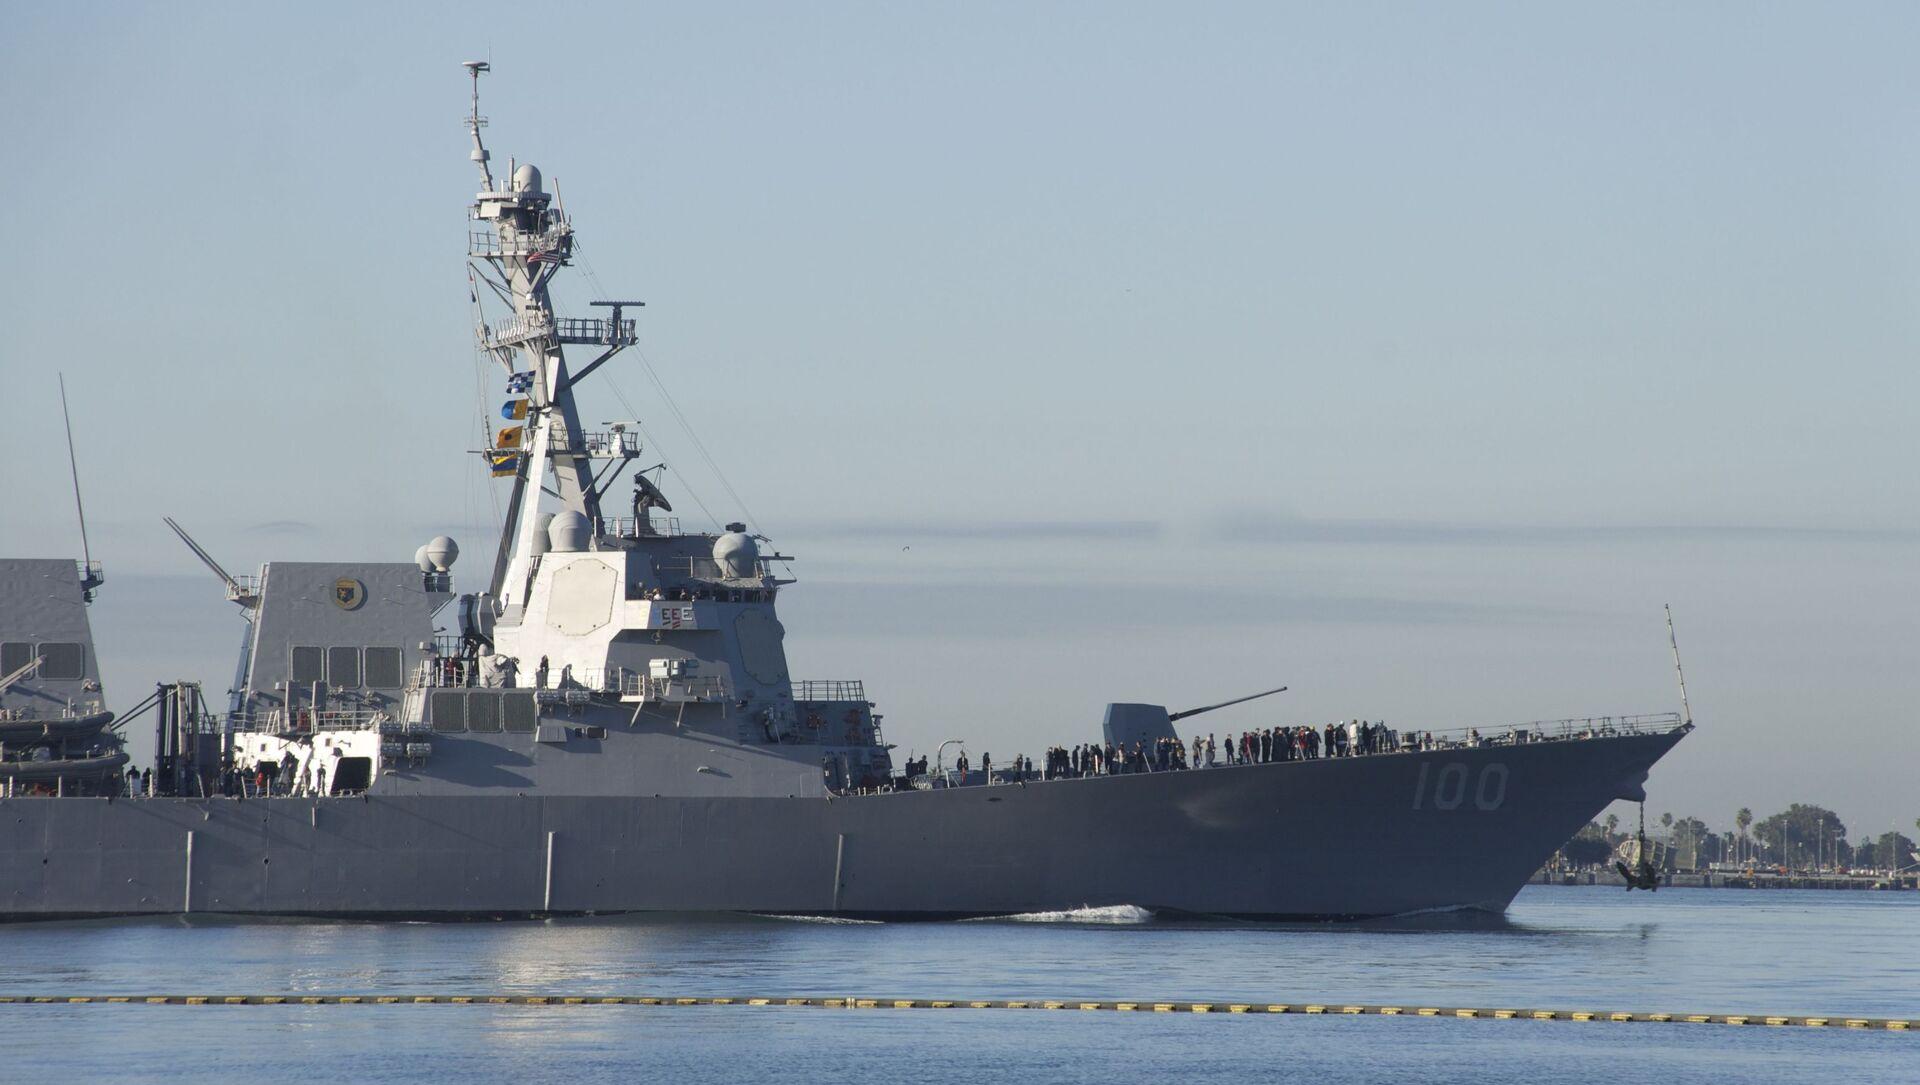 The guided-missile destroyer USS Kidd (DDG 100) departs San Diego Bay. - Sputnik International, 1920, 28.08.2021